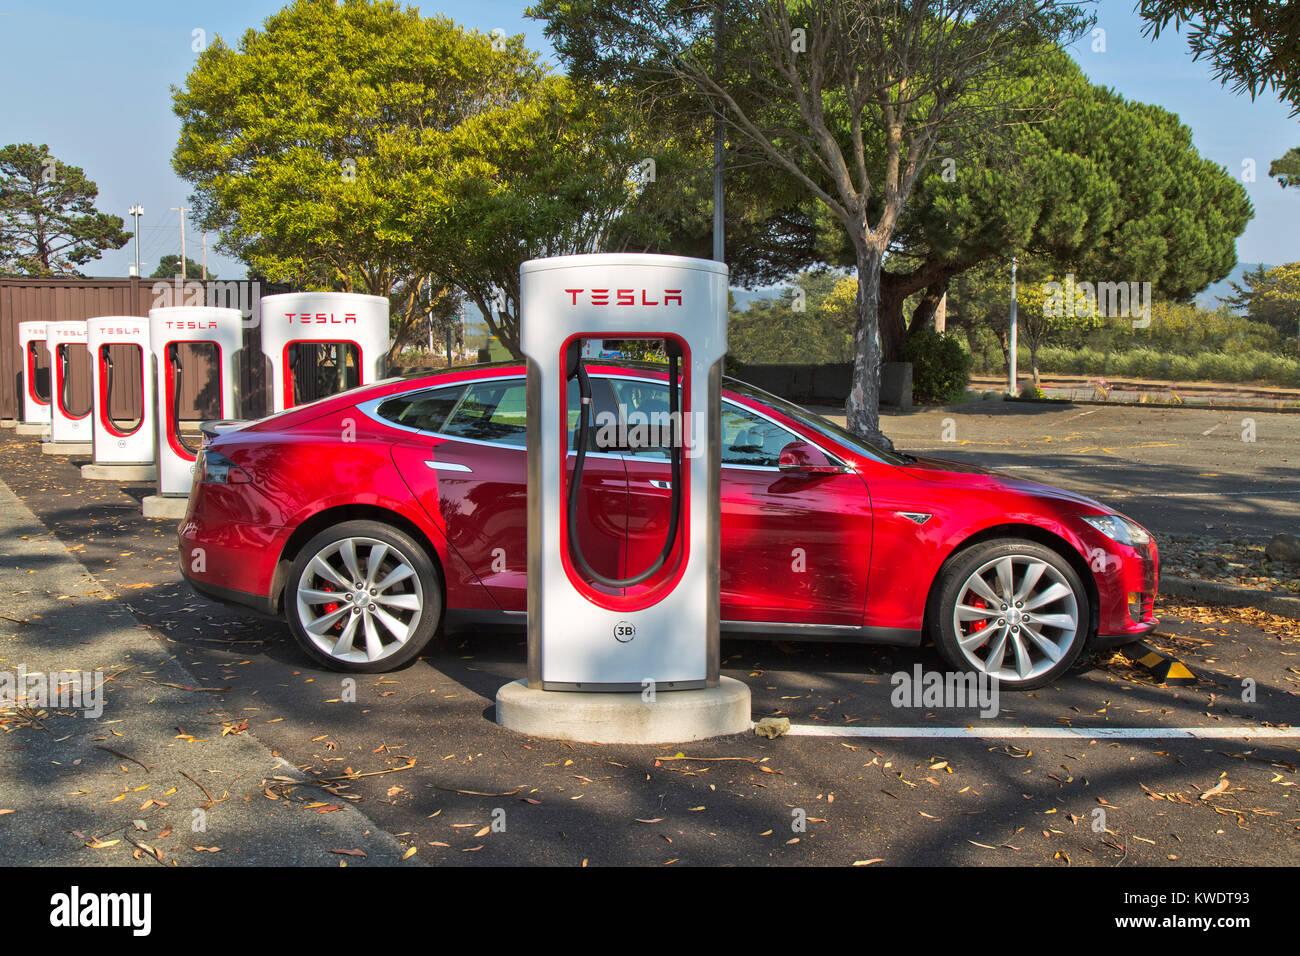 Tesla sedán 'S' conectado a 480 voltios (carga rápida) Estación de supercargador. Imagen De Stock